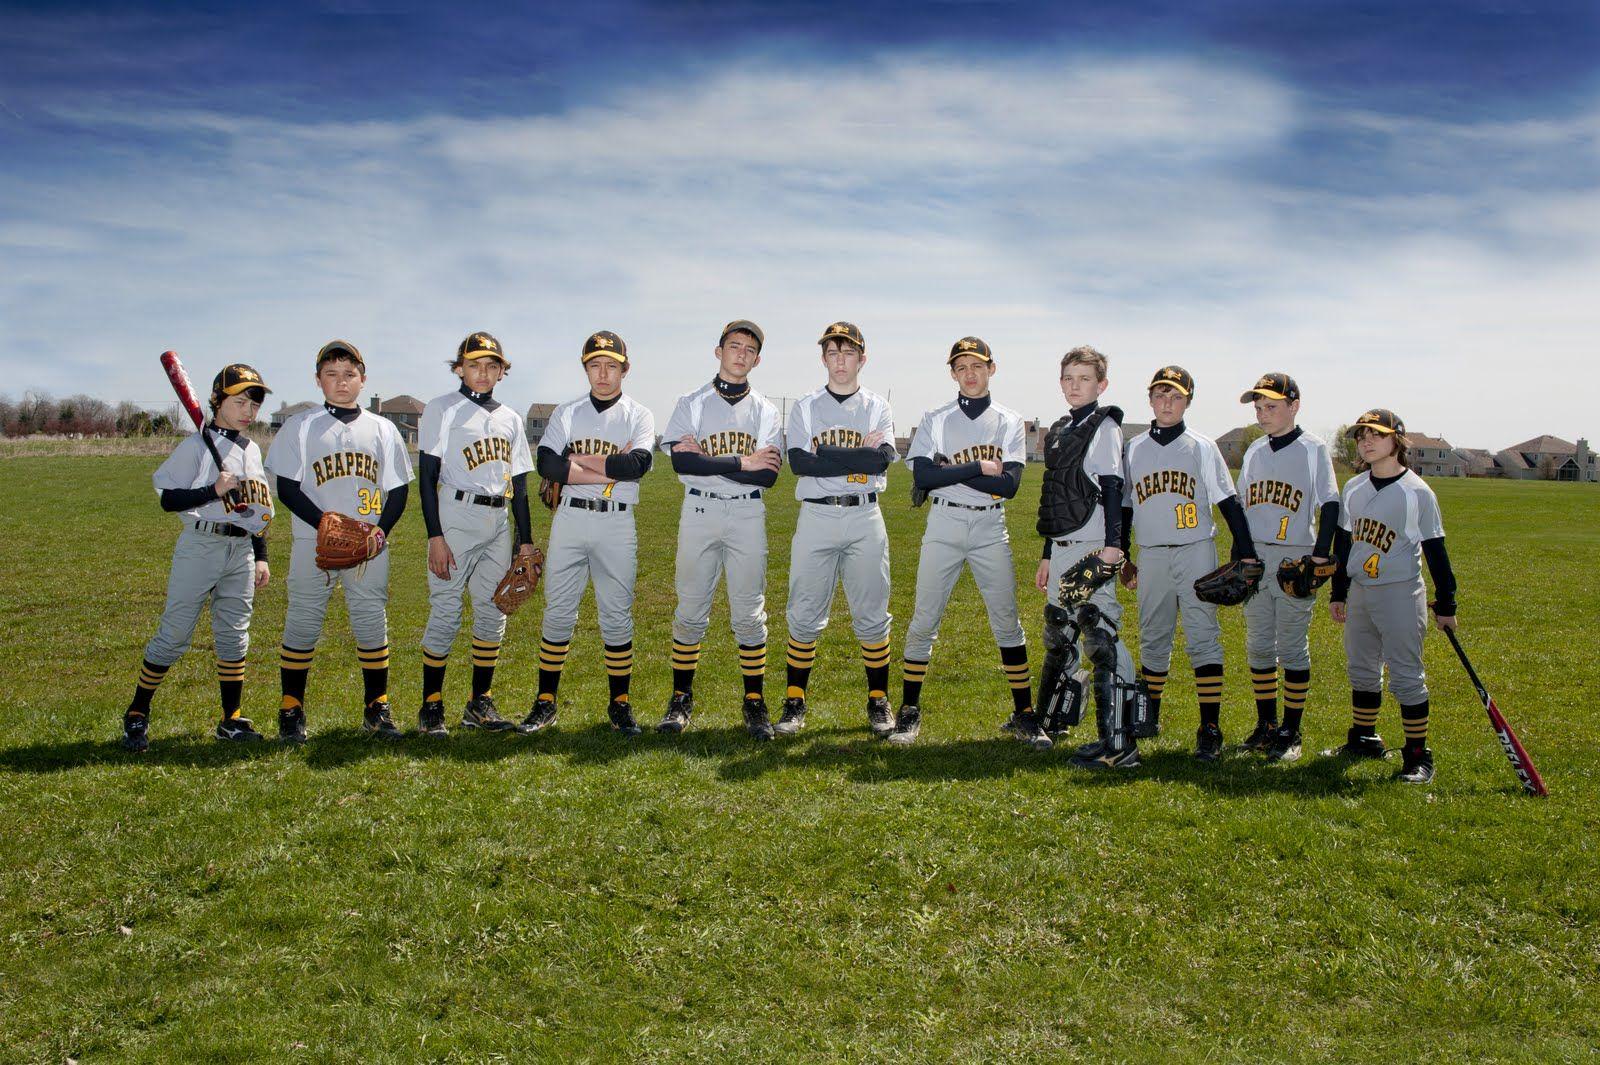 Little League Baseball Teams Baseball Photography Little League Baseball Baseball Team Pictures